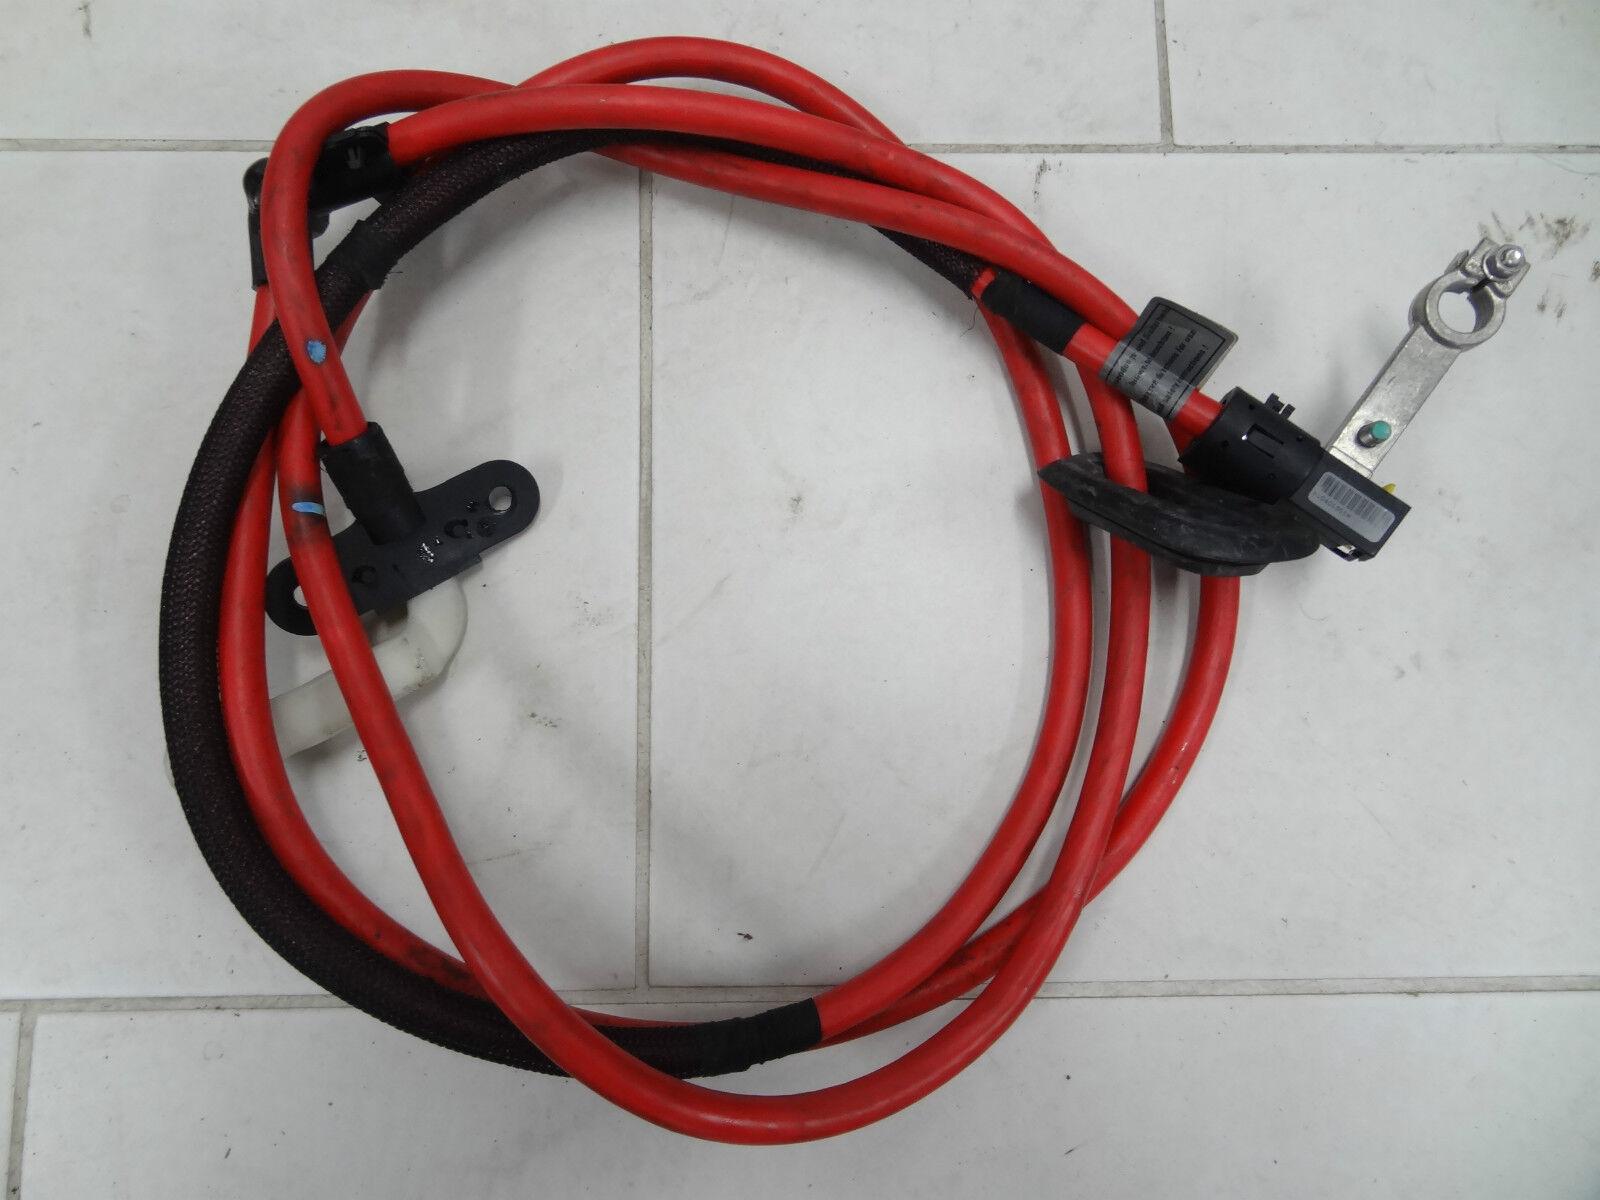 BMW E39 5er M5 Pluskabel Batteriekabel 1745230 Batterie Kabel rot | eBay